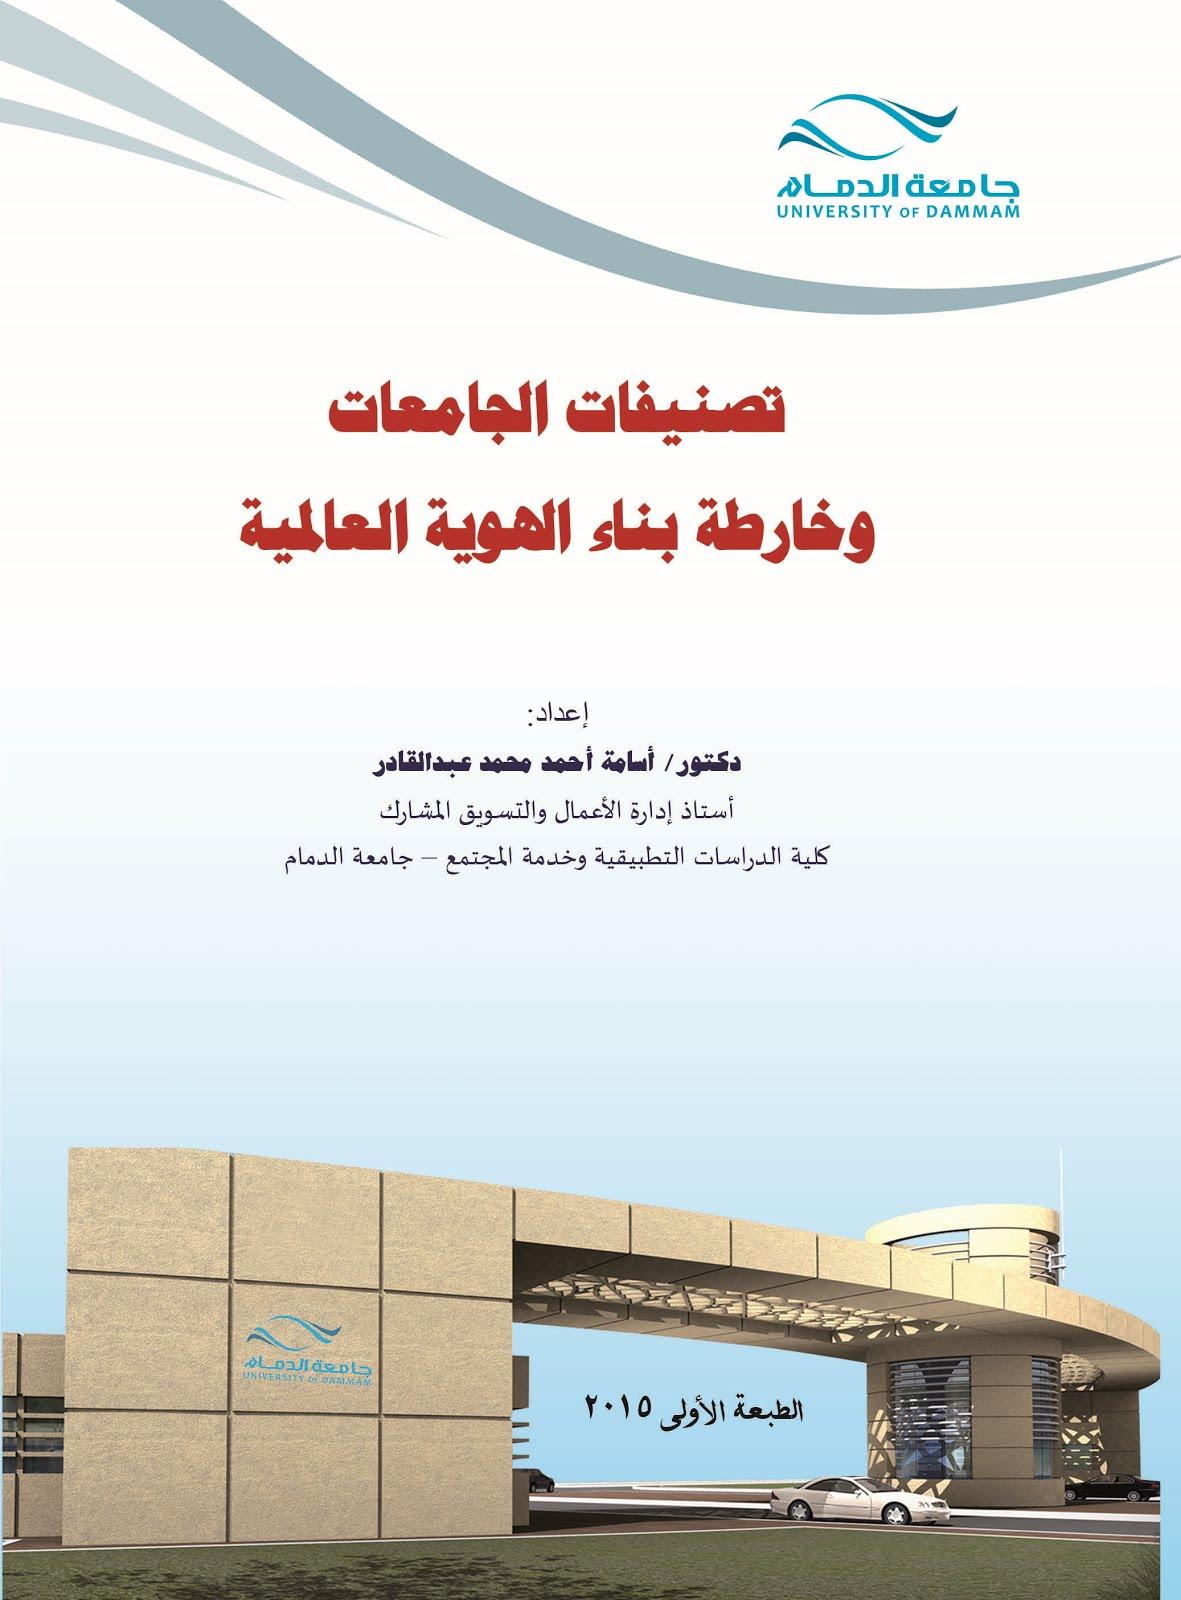 كتاب : التصنيفات الجامعات وخارطة بناء الهوية العالمية